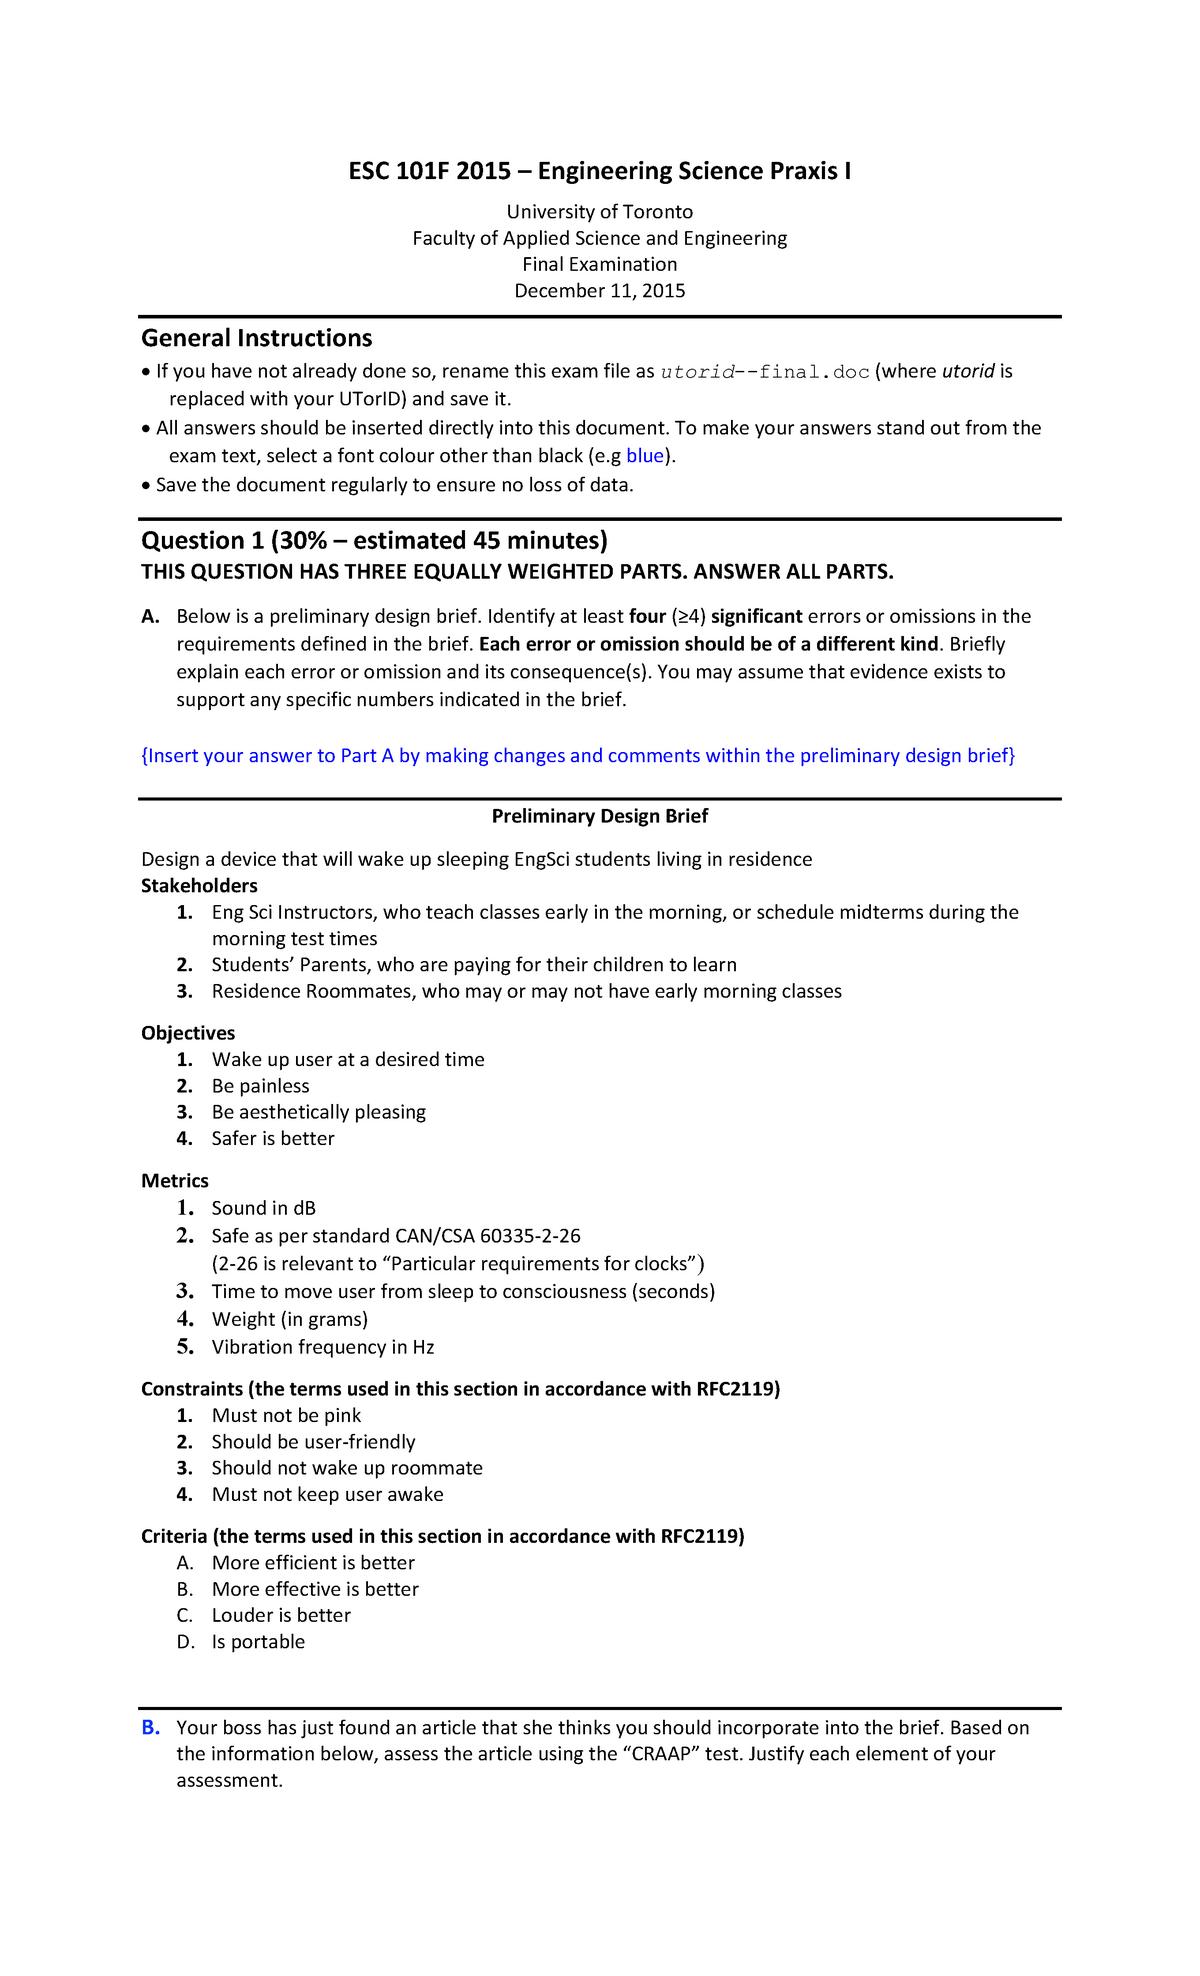 Final Exam 11 December 2015, questions - ESC101H1 Praxis I